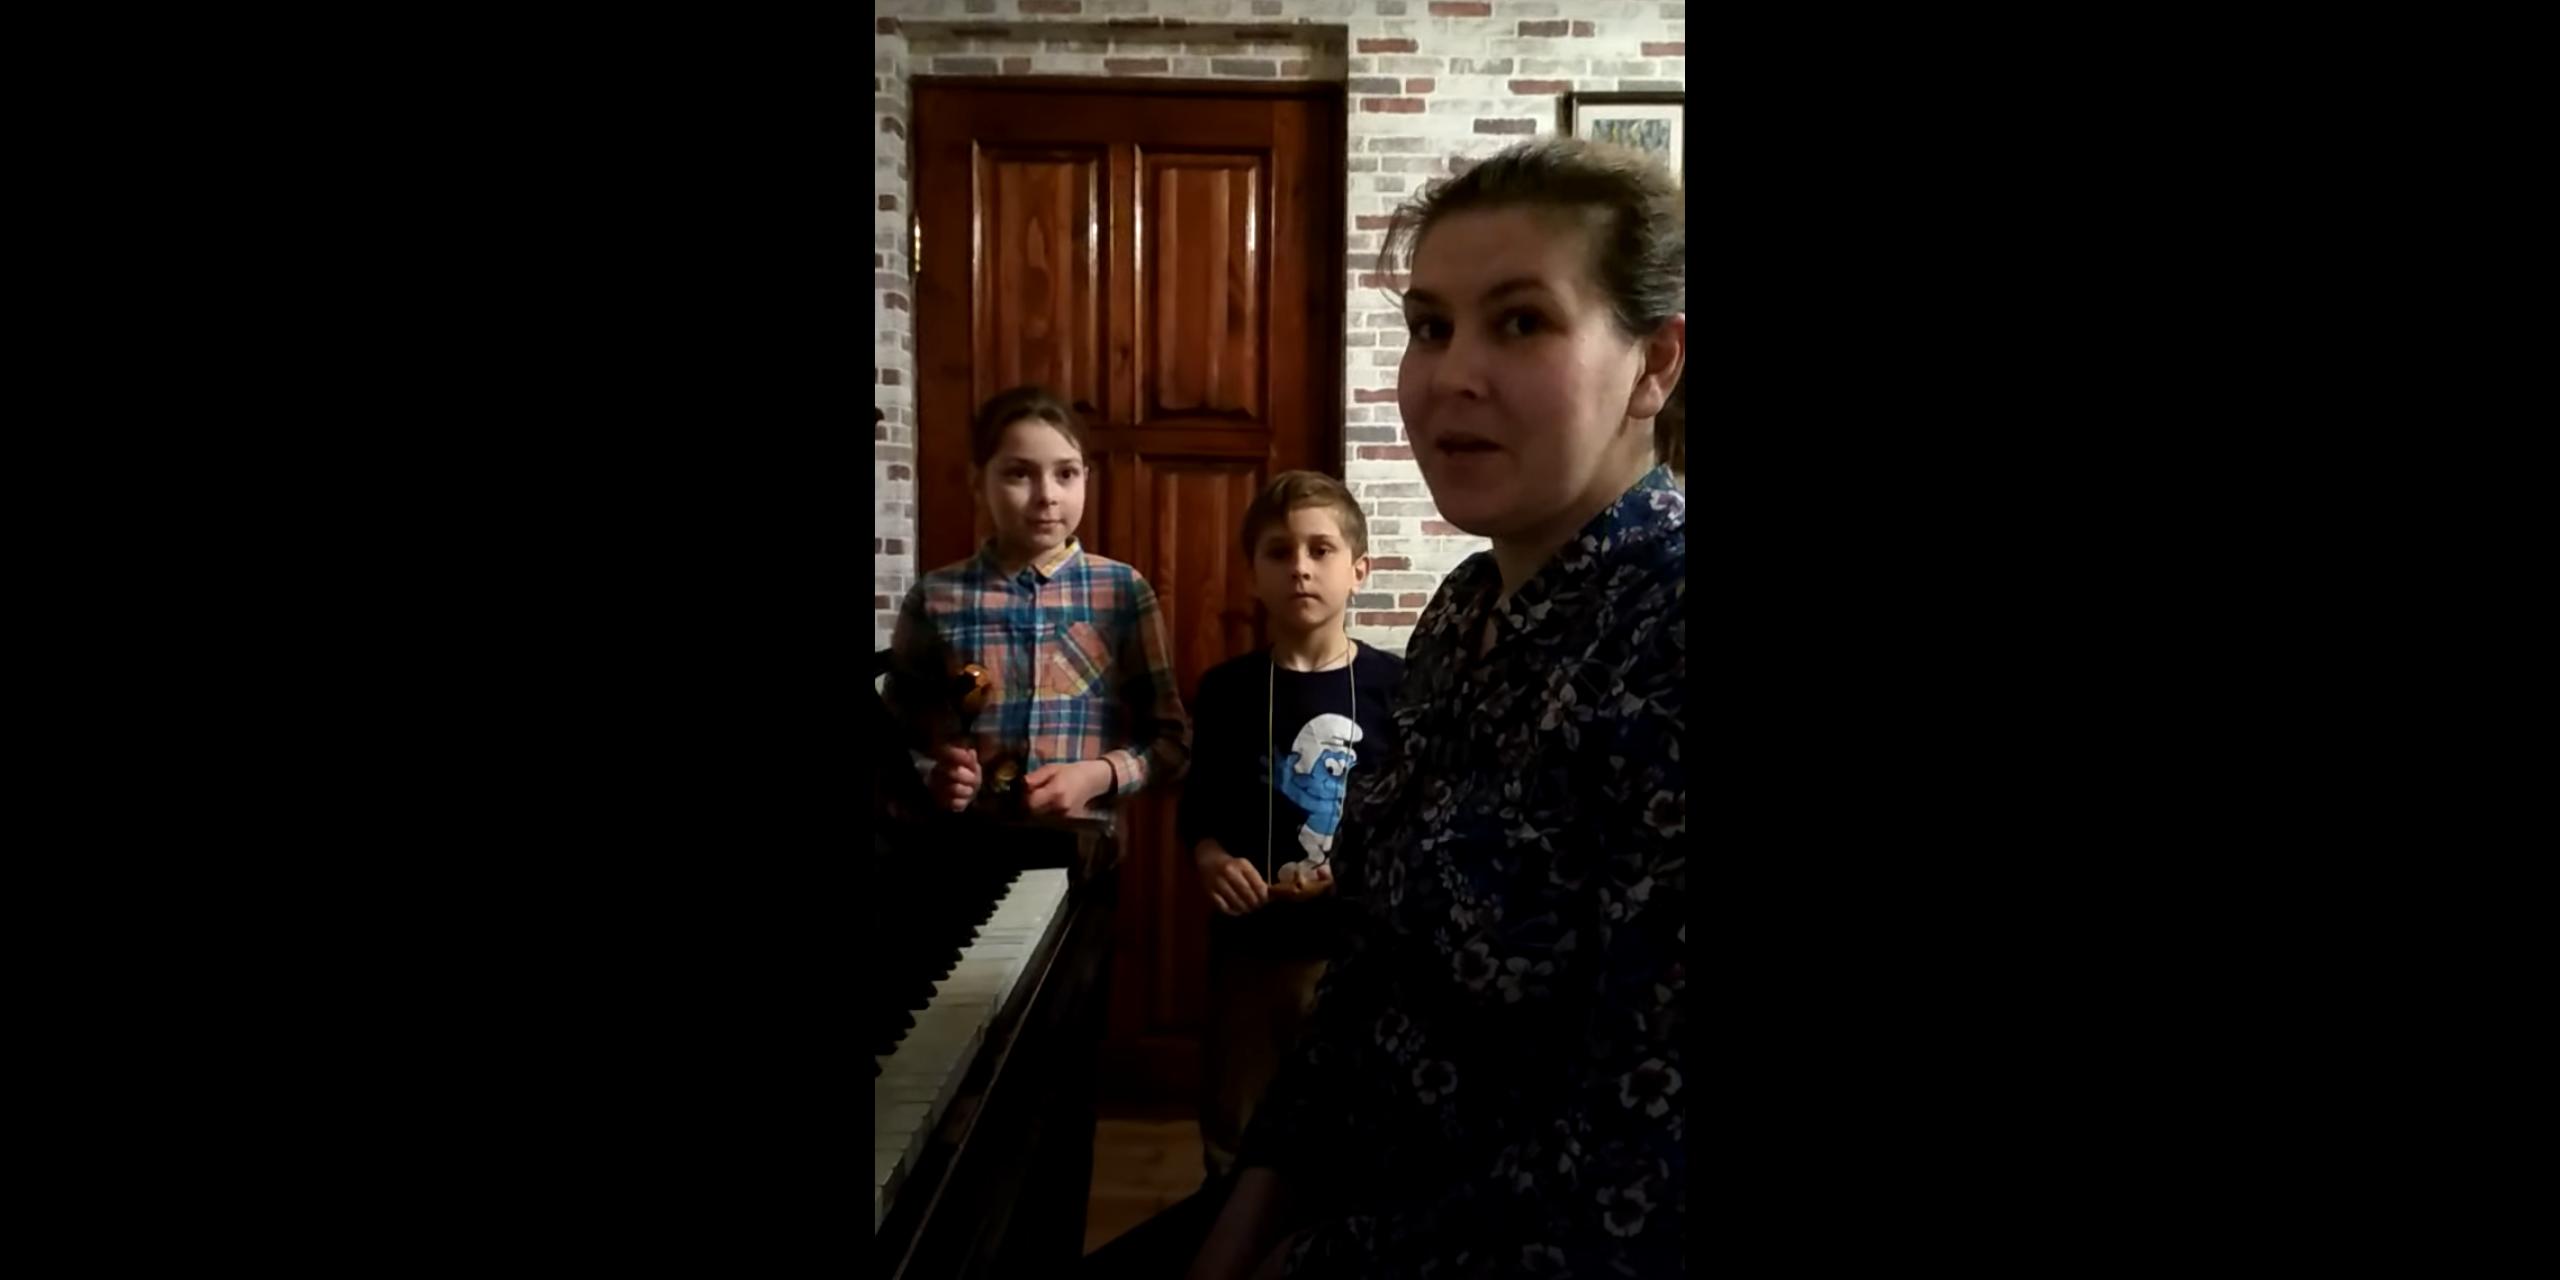 Видео-урок руководителя АВХС «Звучность» Евгении Коноваловой